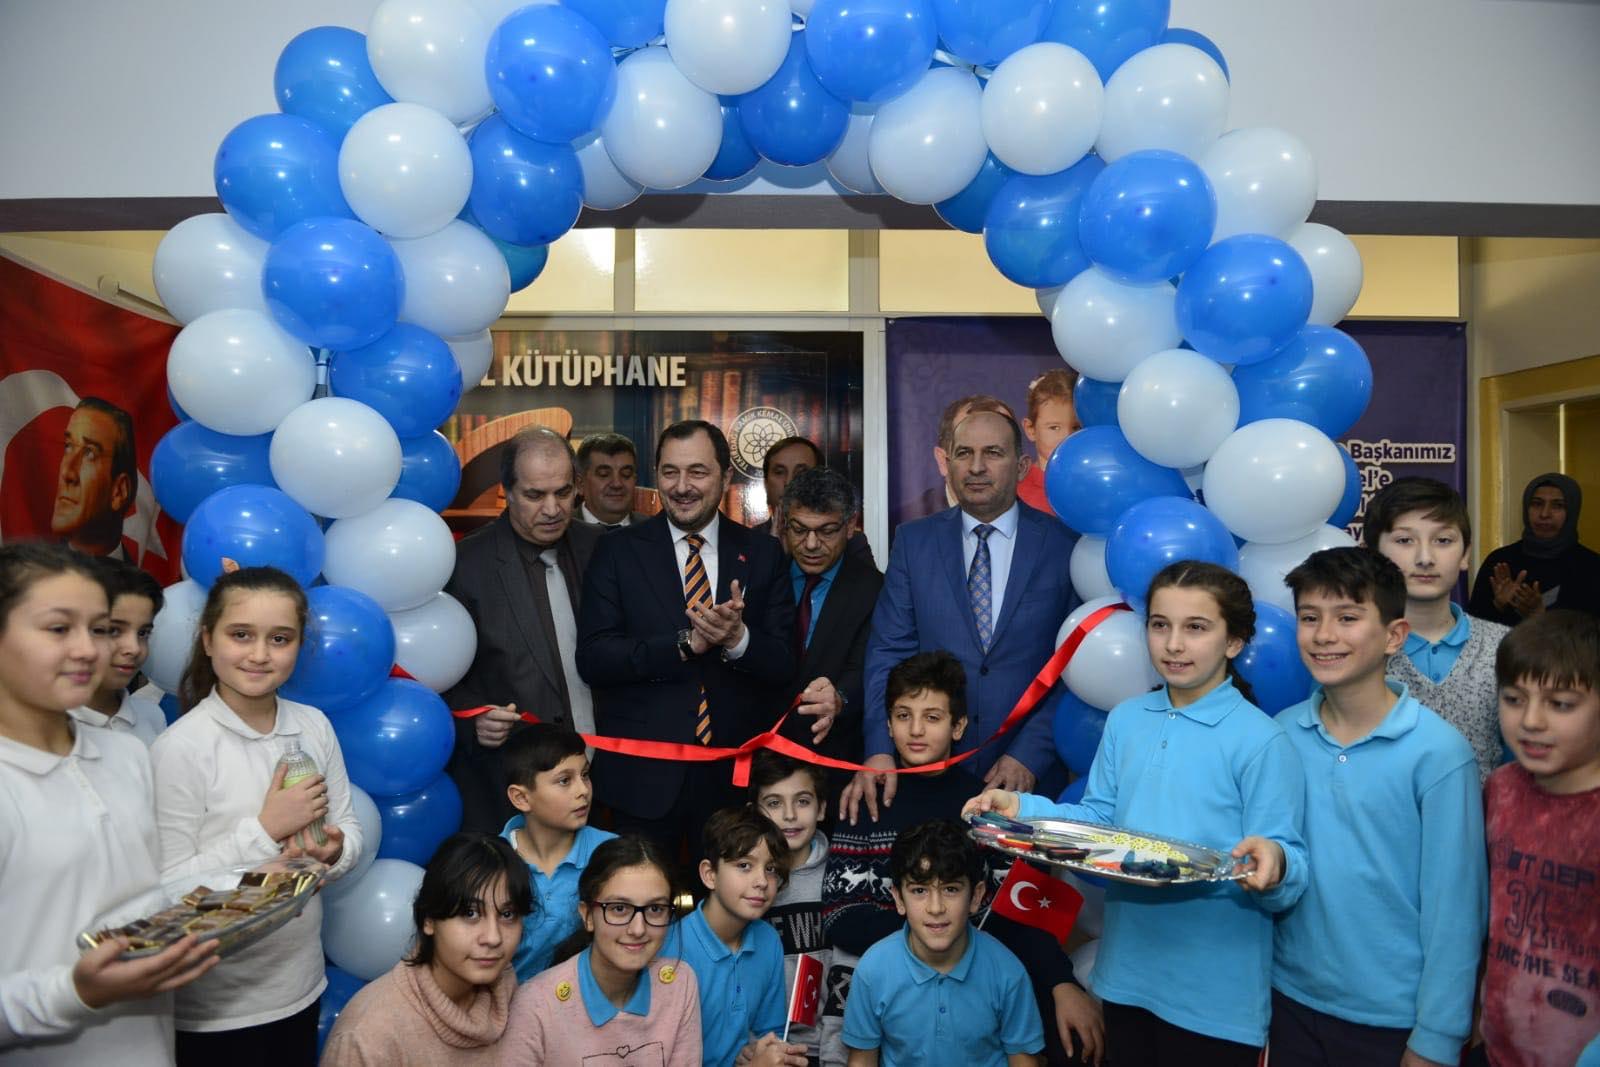 Süleyman paşa Belediyesi, Dijital Kütüphane Projesine start verdi